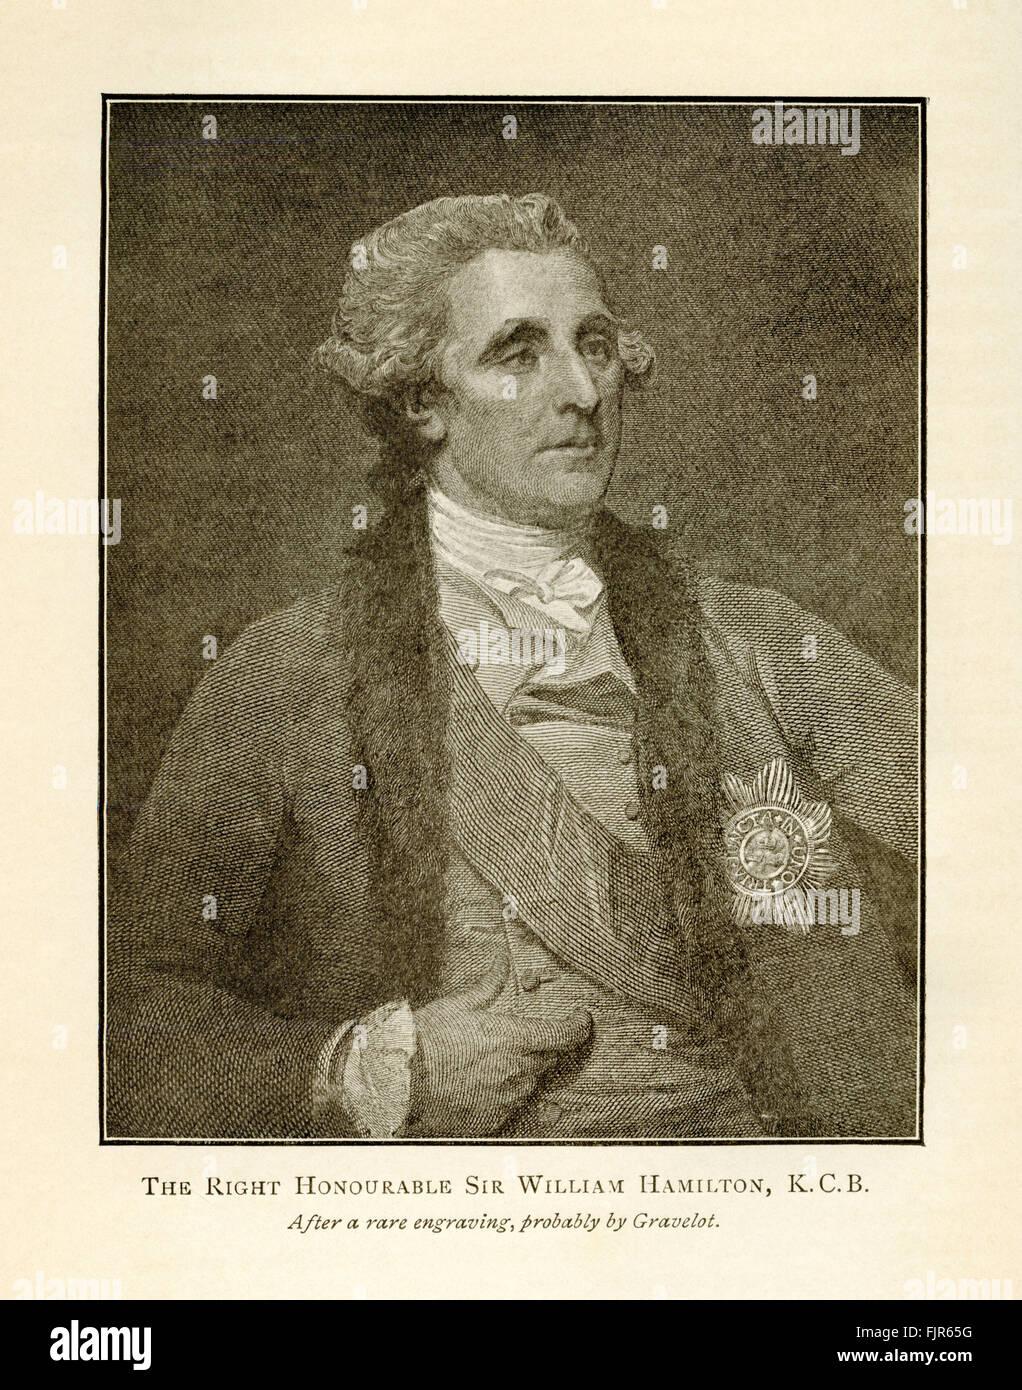 L'onorevole Sir William Hamilton, K.C.B., da una incisione probabilmente da Hubert-François Bourguignon Immagini Stock